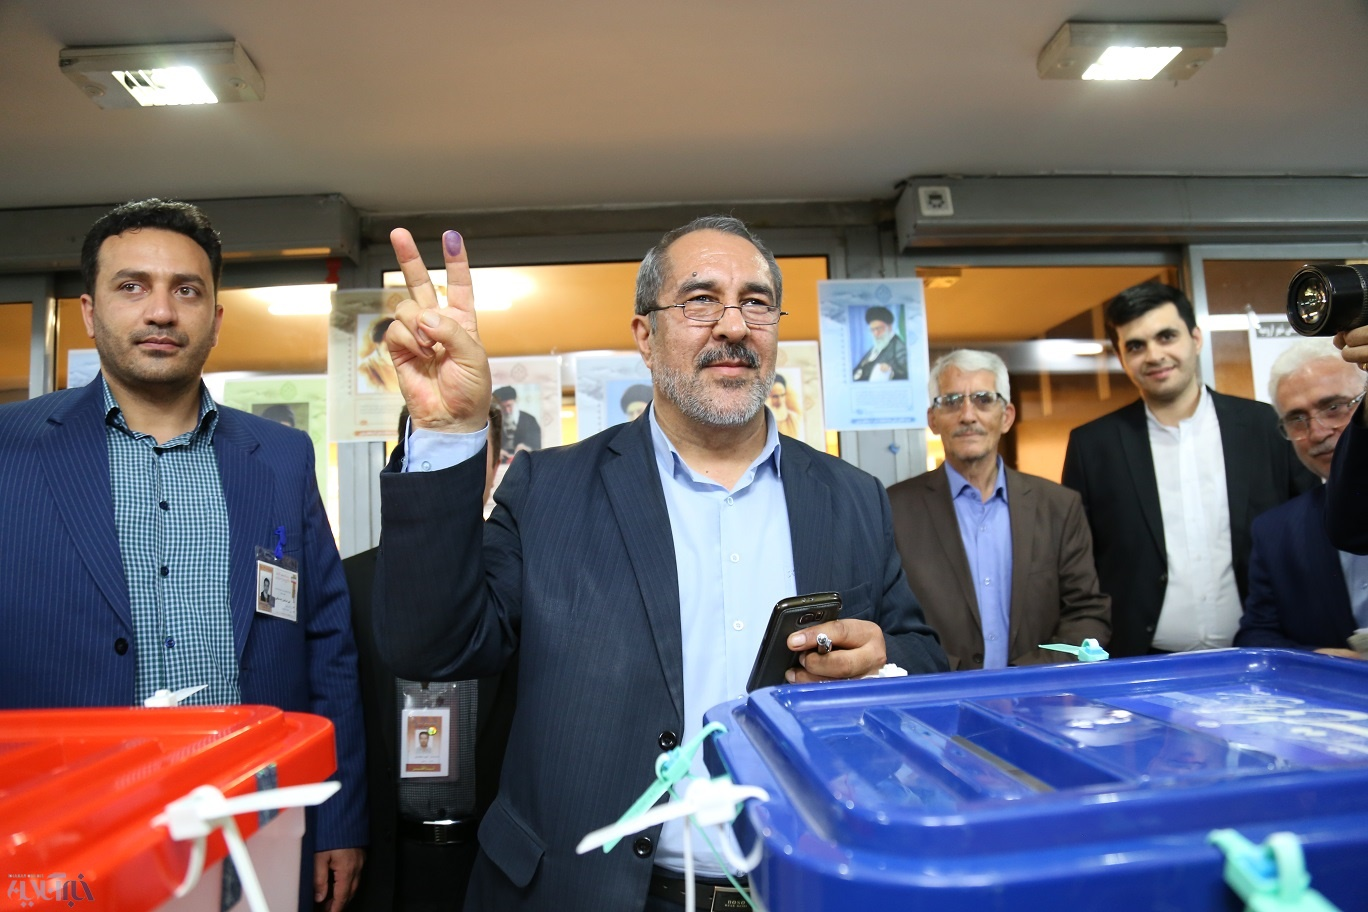 استاندار آذربایجان غربی رای خود را به صندوق انداخت